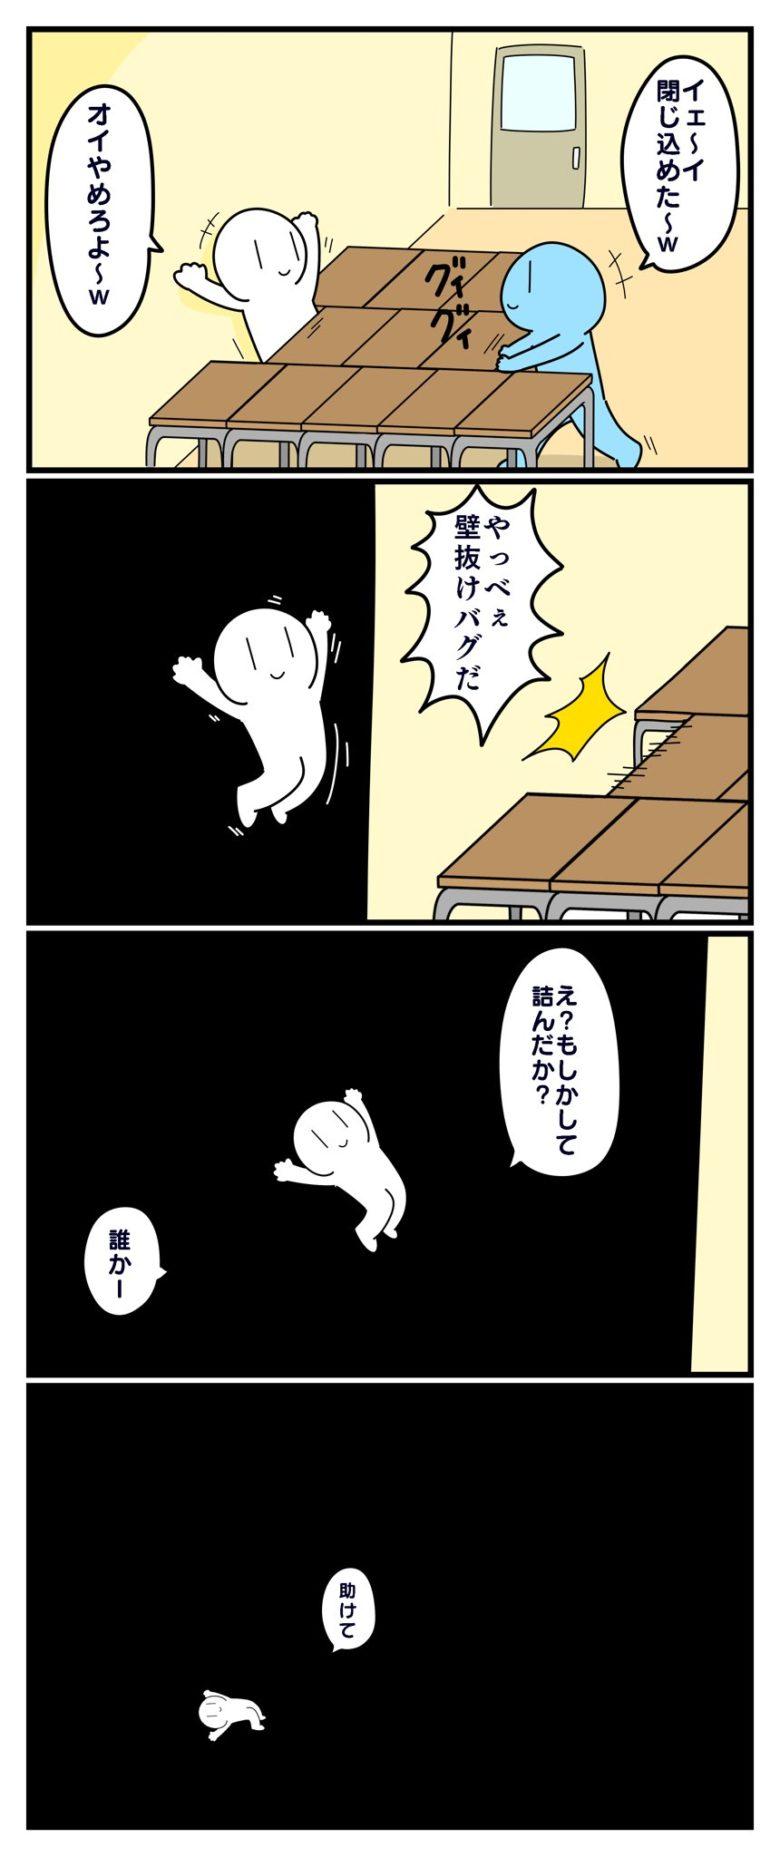 【4コマおもしろ画像】学校の机で閉じ込めて発生した壁抜けバグが怖い(笑)